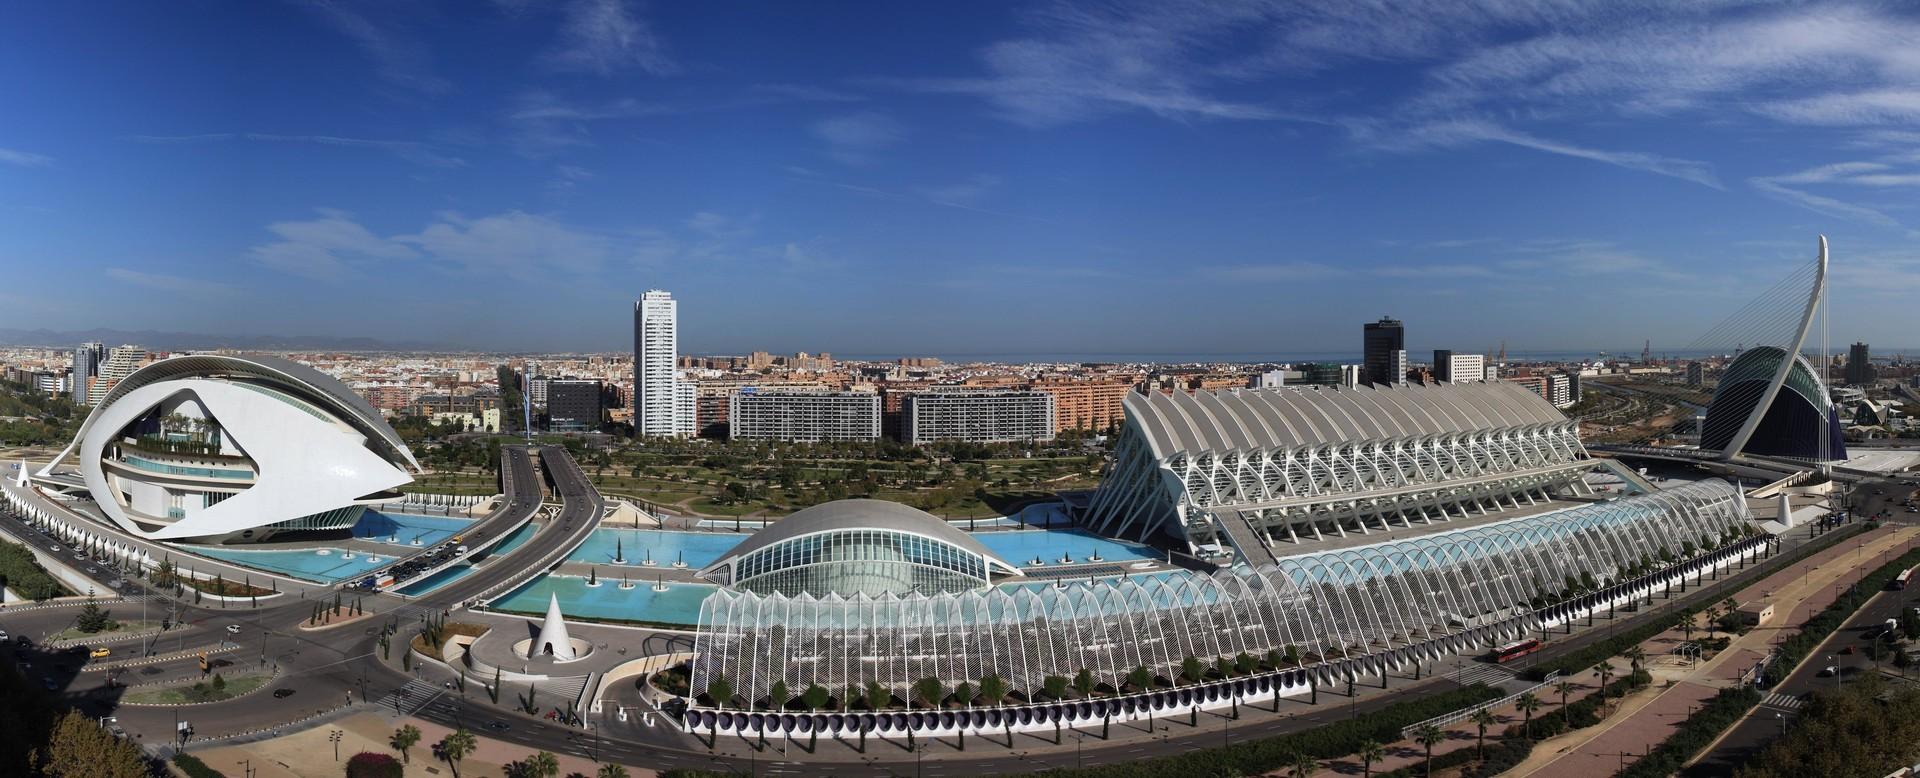 Przeżycia z Erasmusa w Walencji, Hiszpania według Mehdi